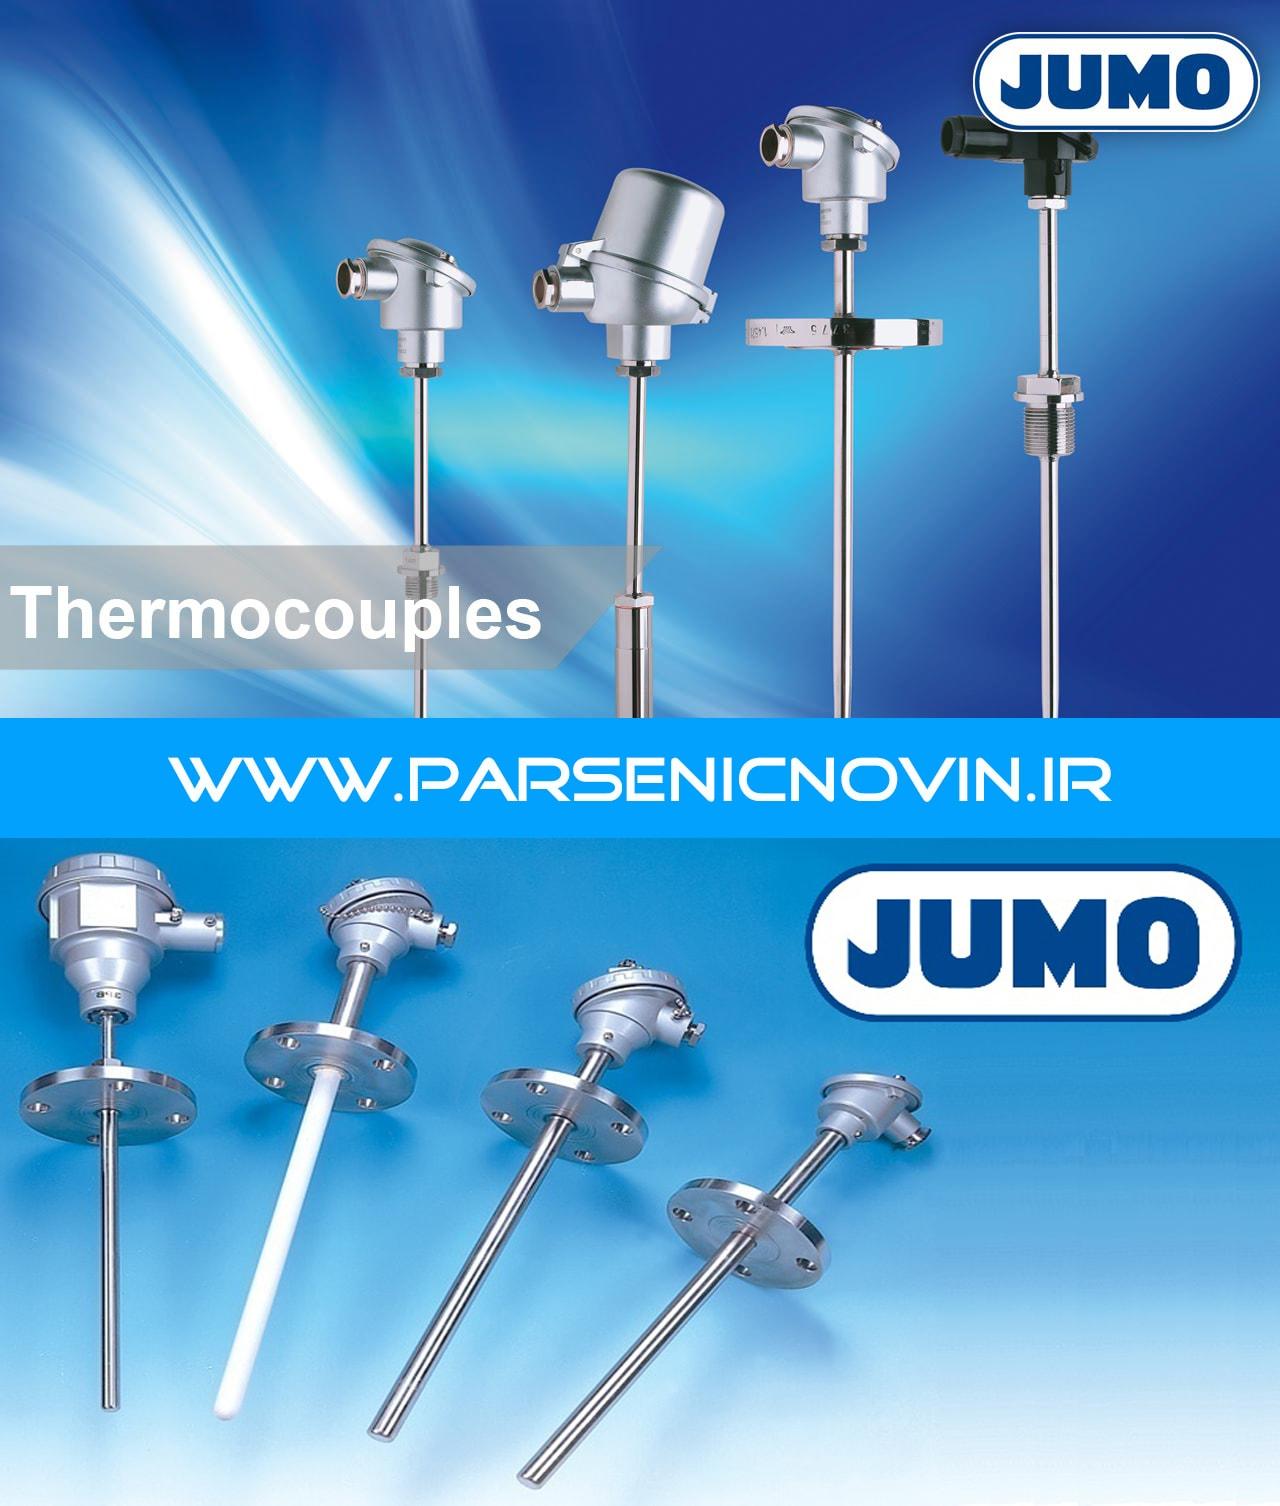 jumo.de  - معرفی و فروش محصولات برند جومو (Jumo)